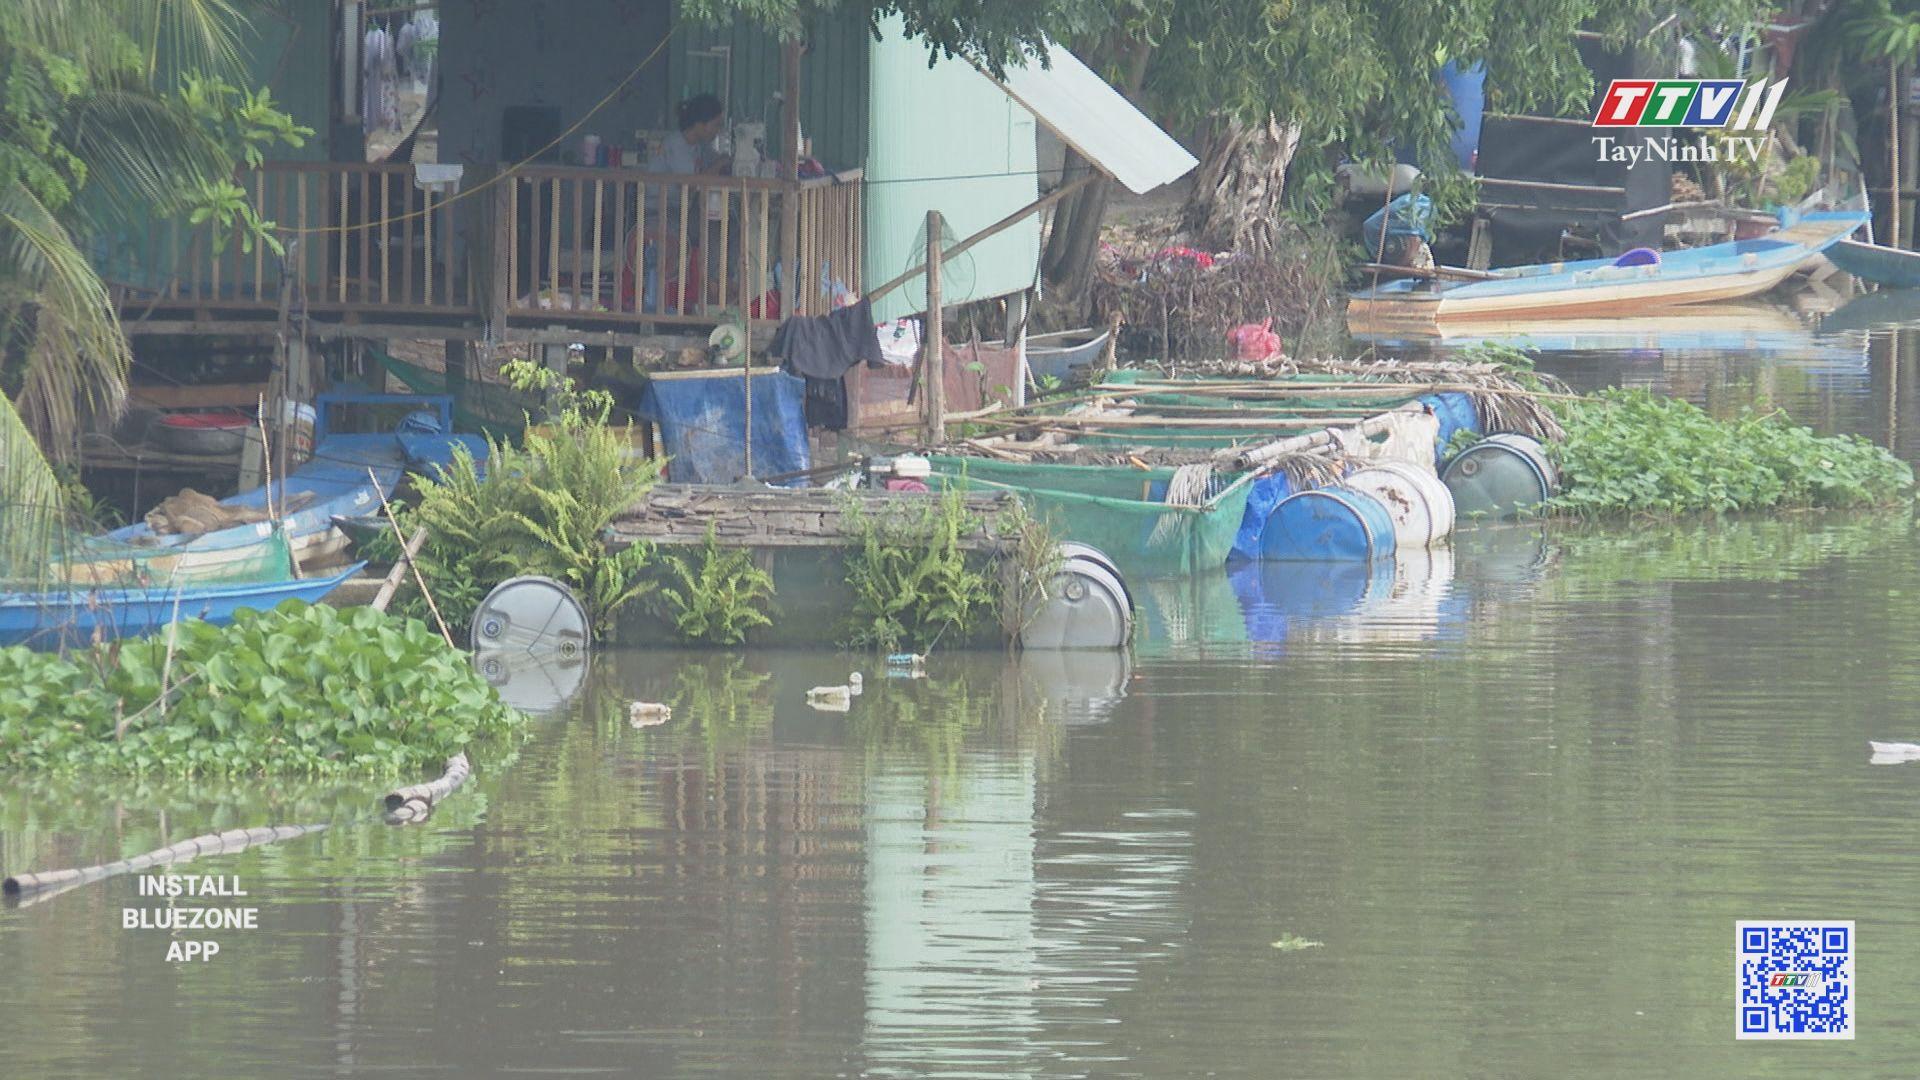 Người dân lấn chiếm đất ranh giới sông, suối, rạch giải pháp nào để tháo gỡ | TIẾNG NÓI CỬ TRI | TayNinhTV